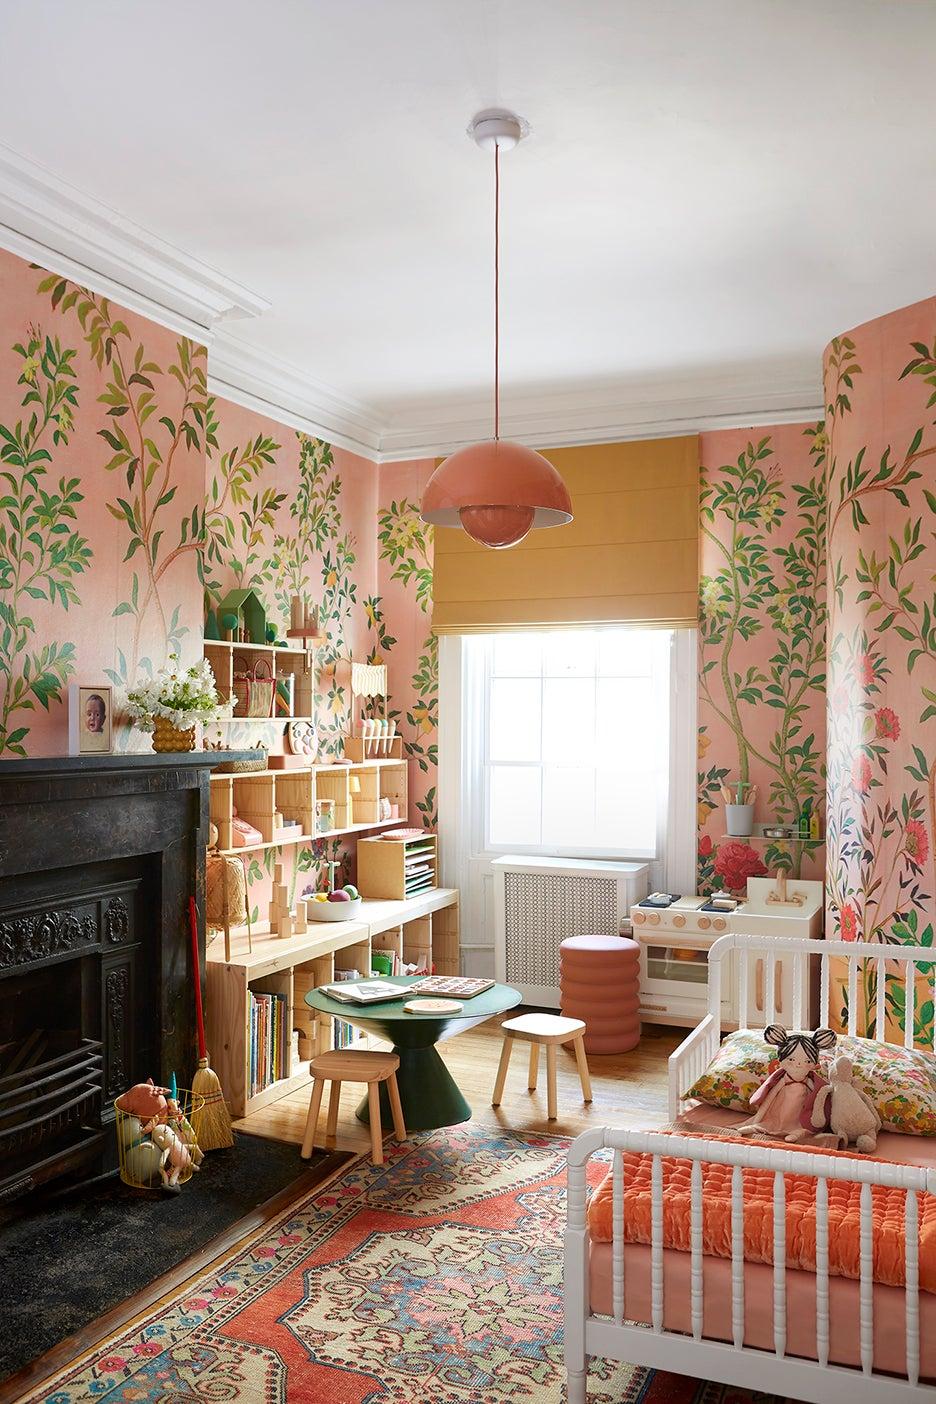 a kids bedroom